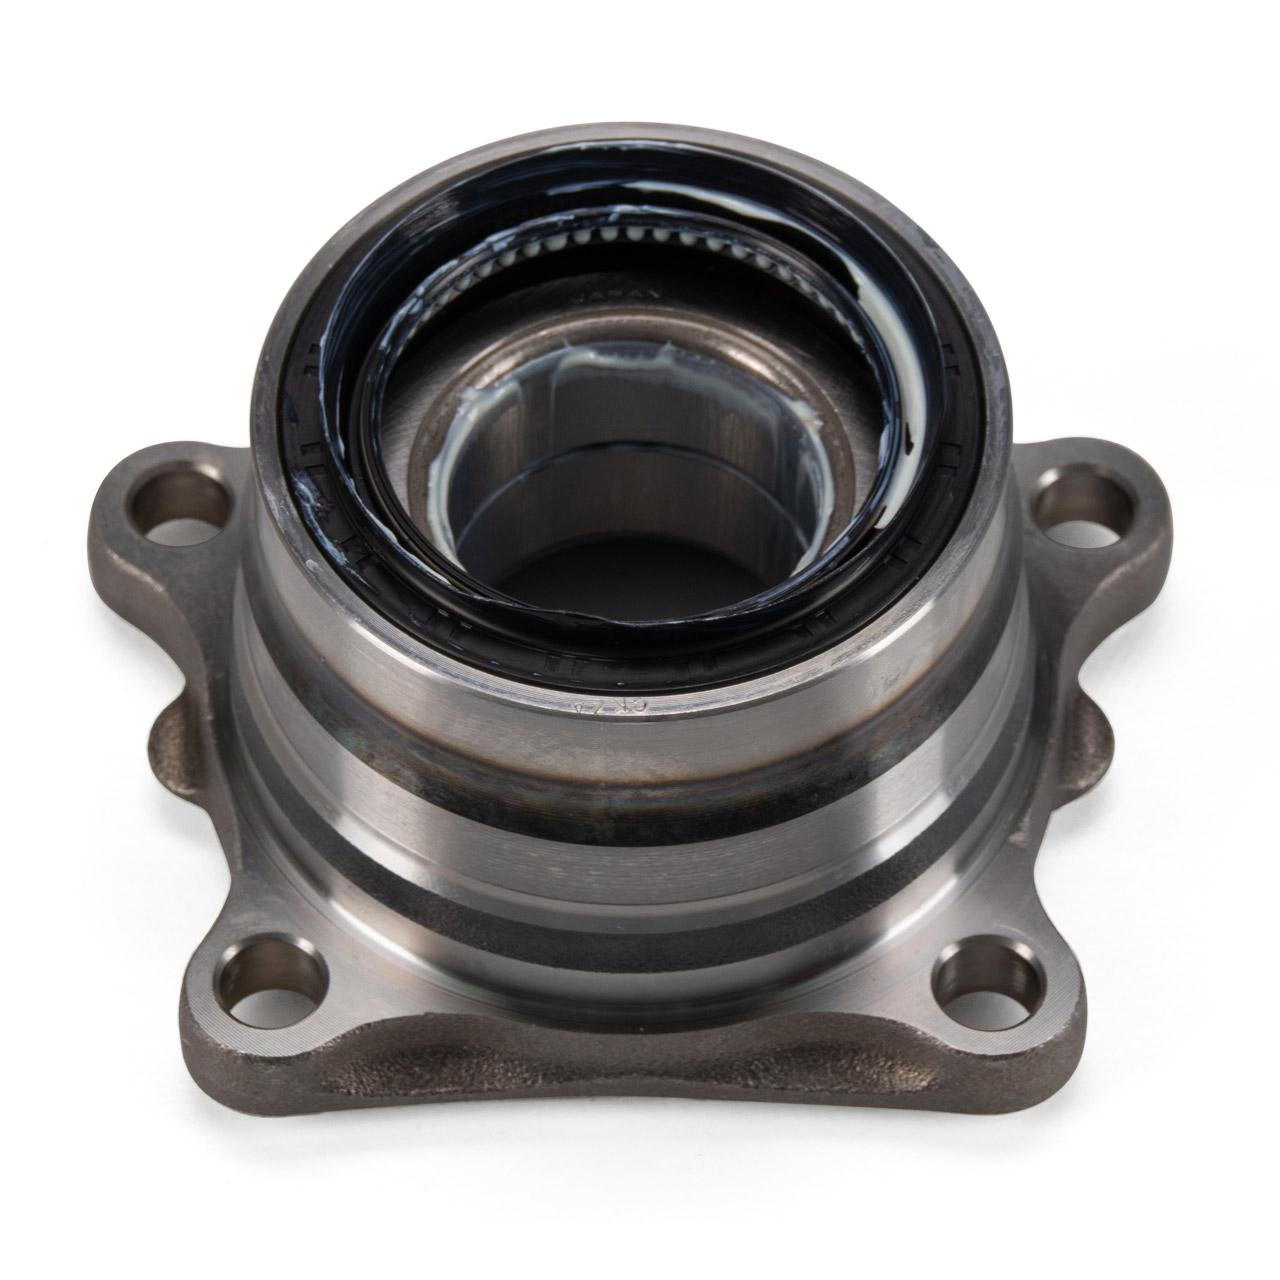 2x SNR R169.42 Radlagersatz TOYOTA Rav 4 I A1 2.0 4WD hinten 42409-42010